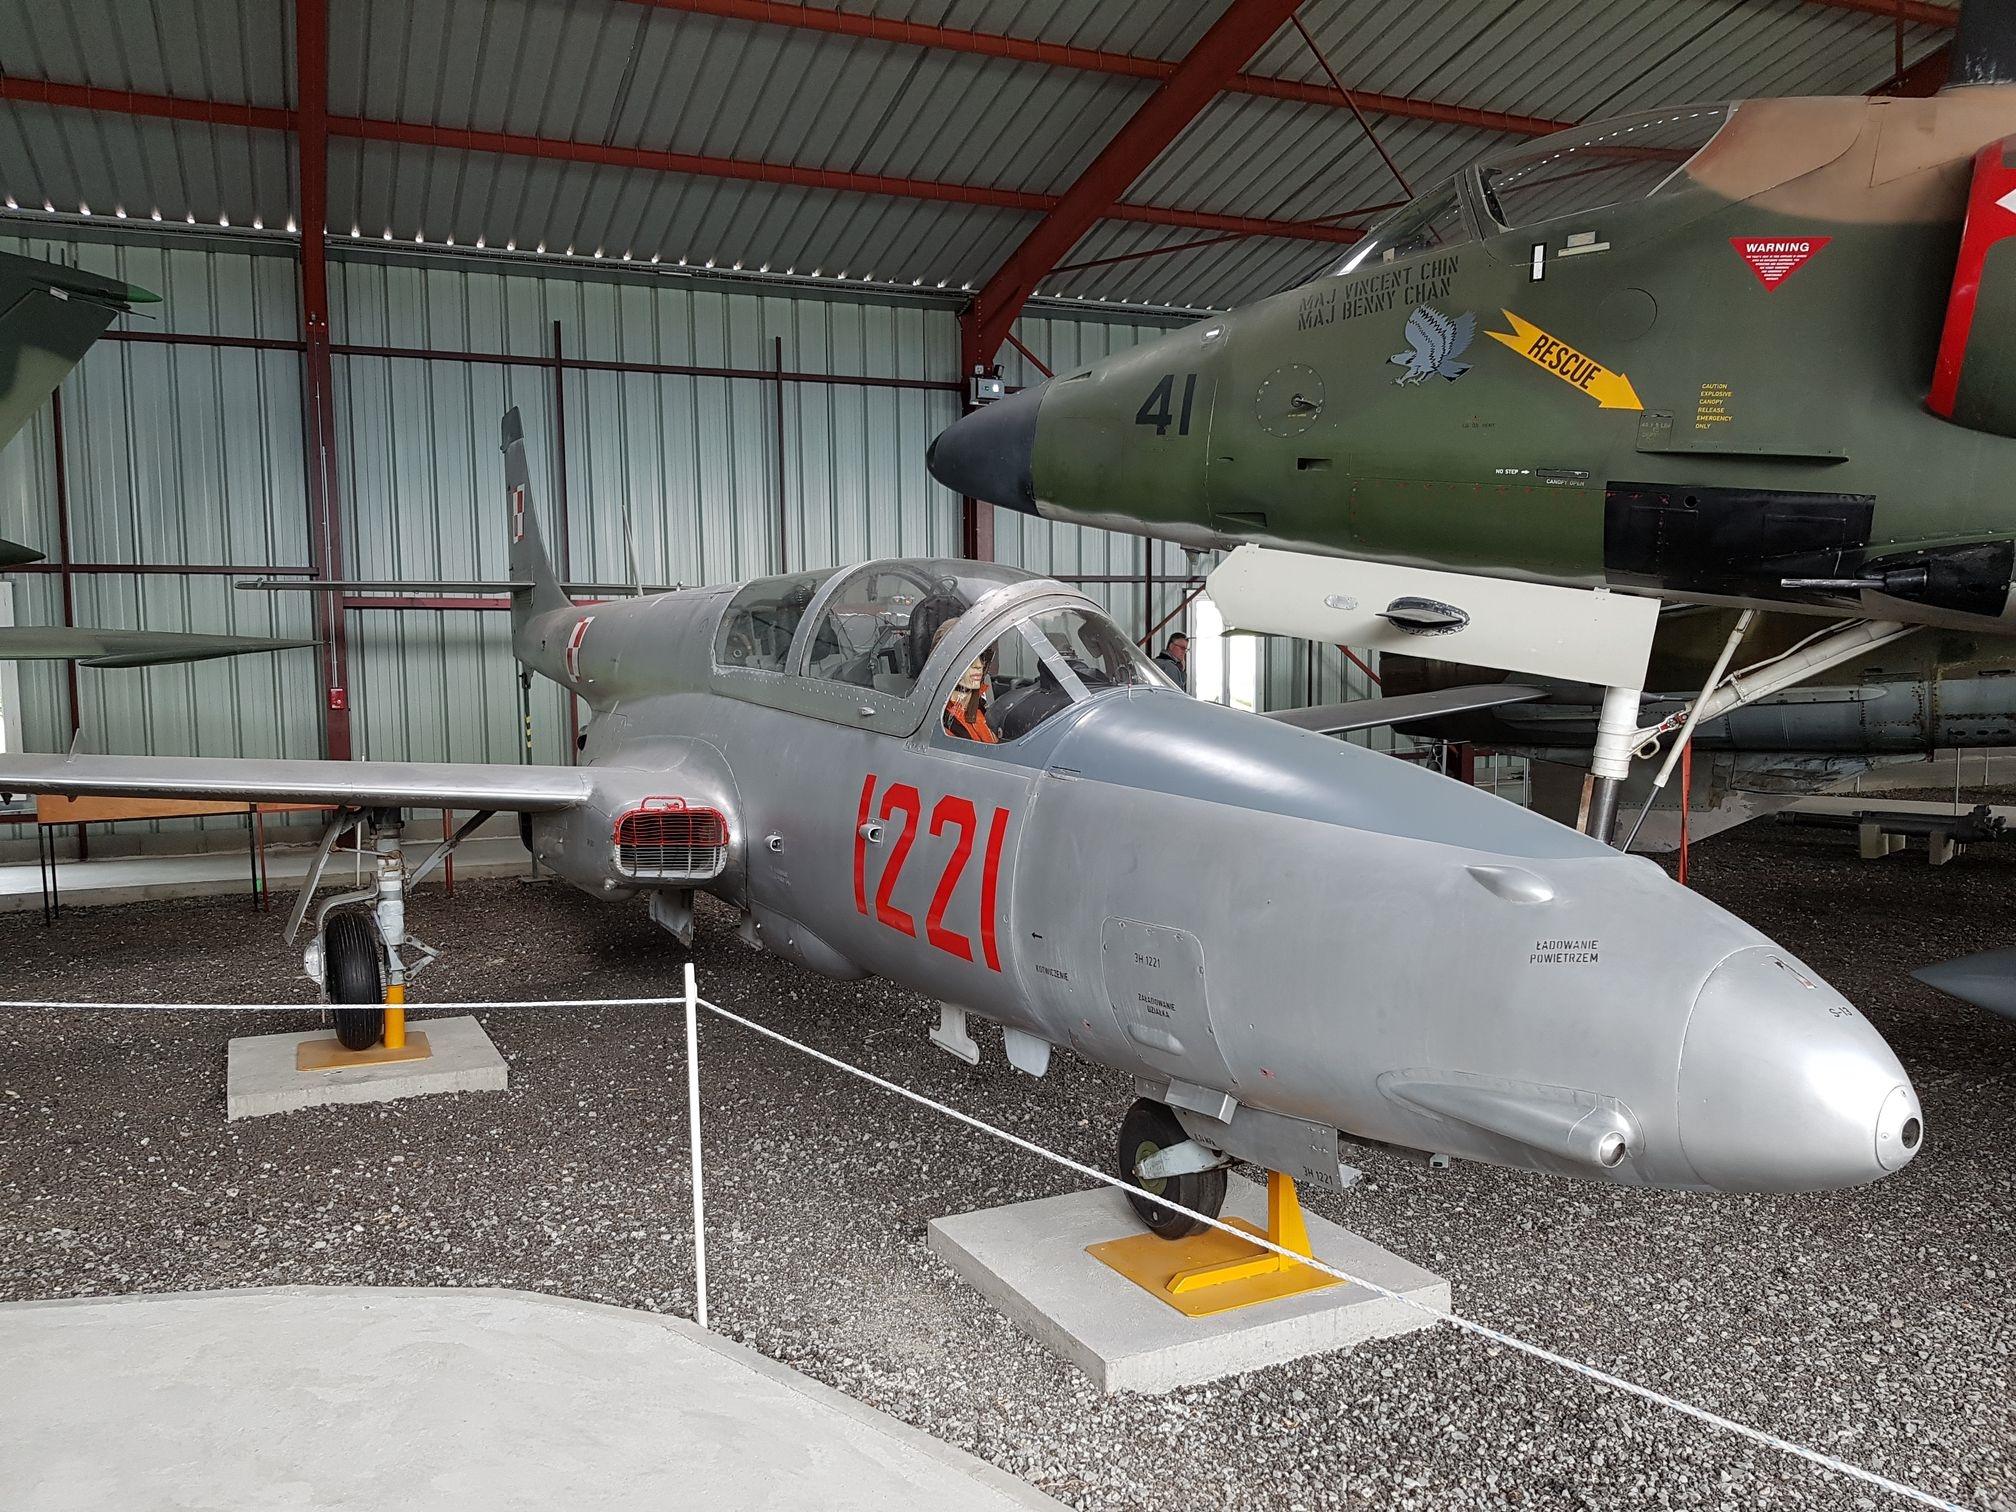 PZL Mielec TS.11 Iskra